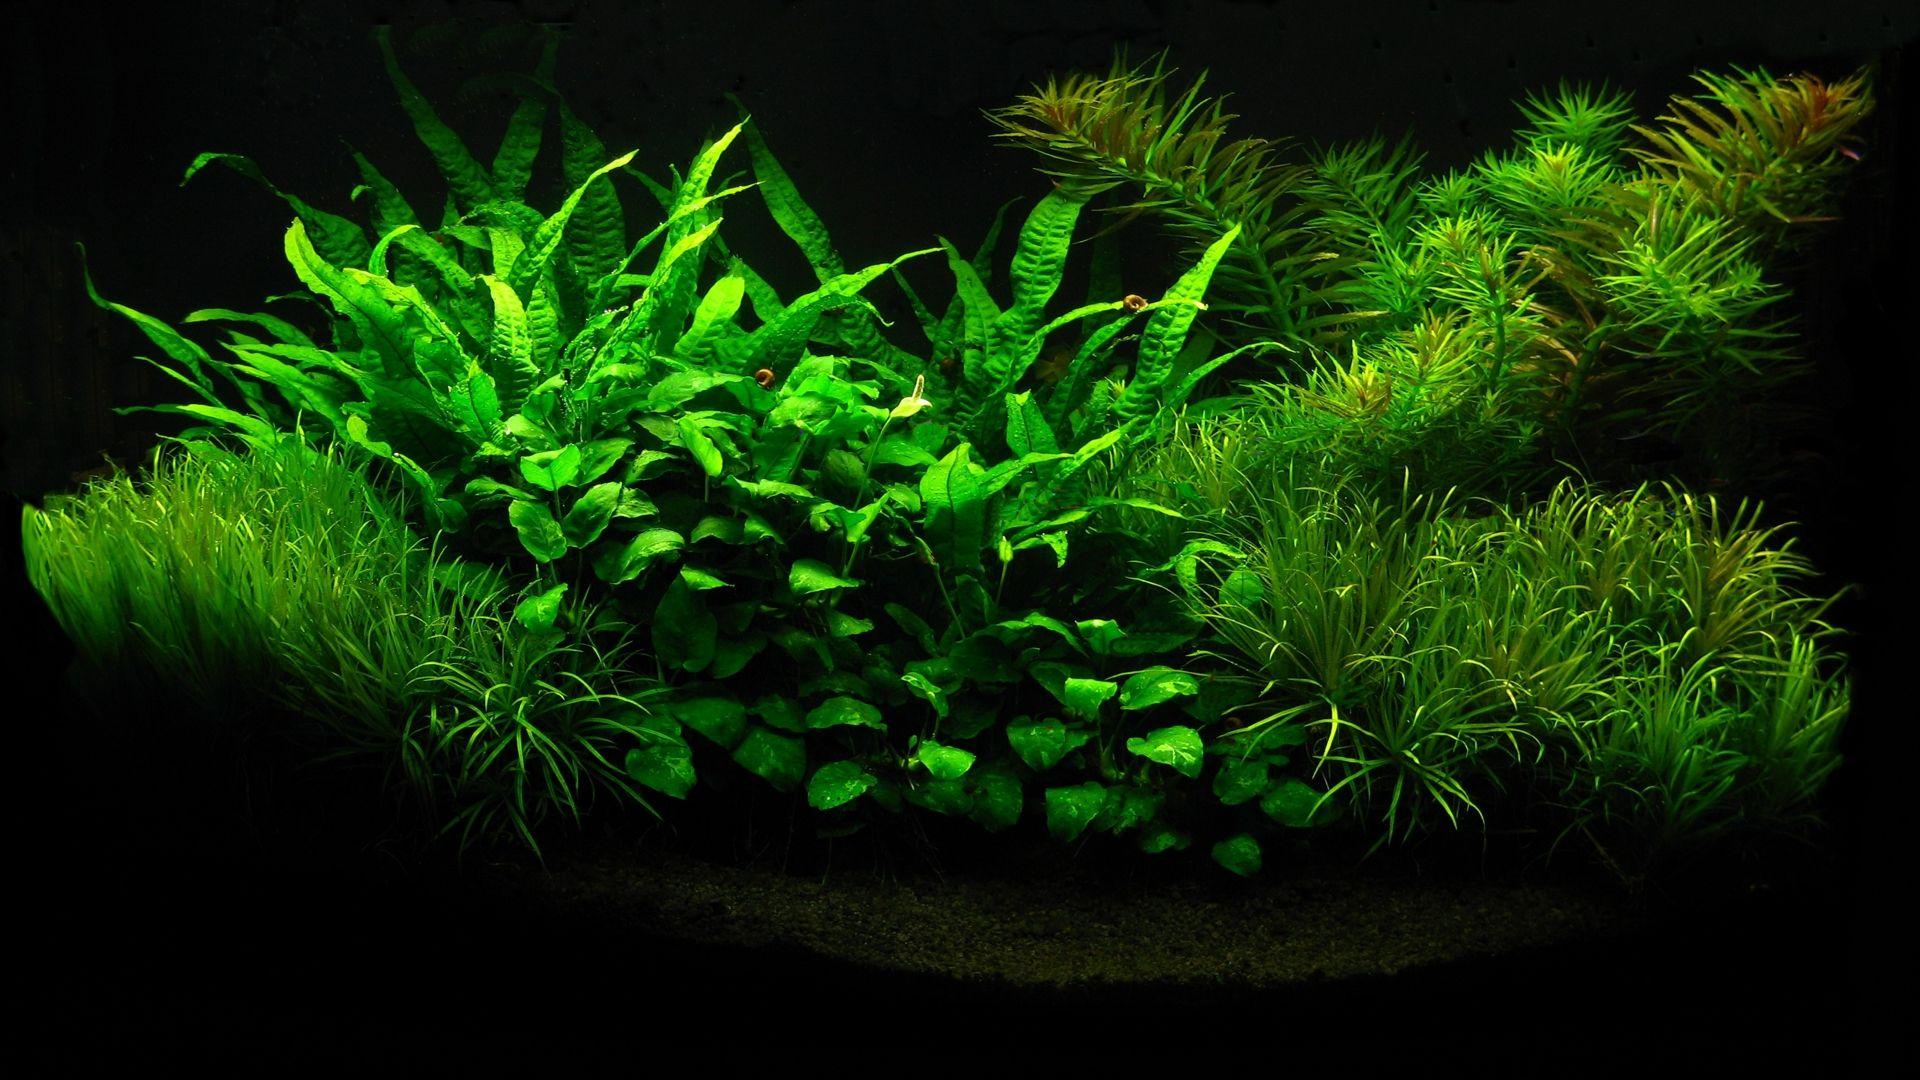 Aquarium Backgrounds Download Free Aquarium Backgrounds Aquarium Design Aquarium